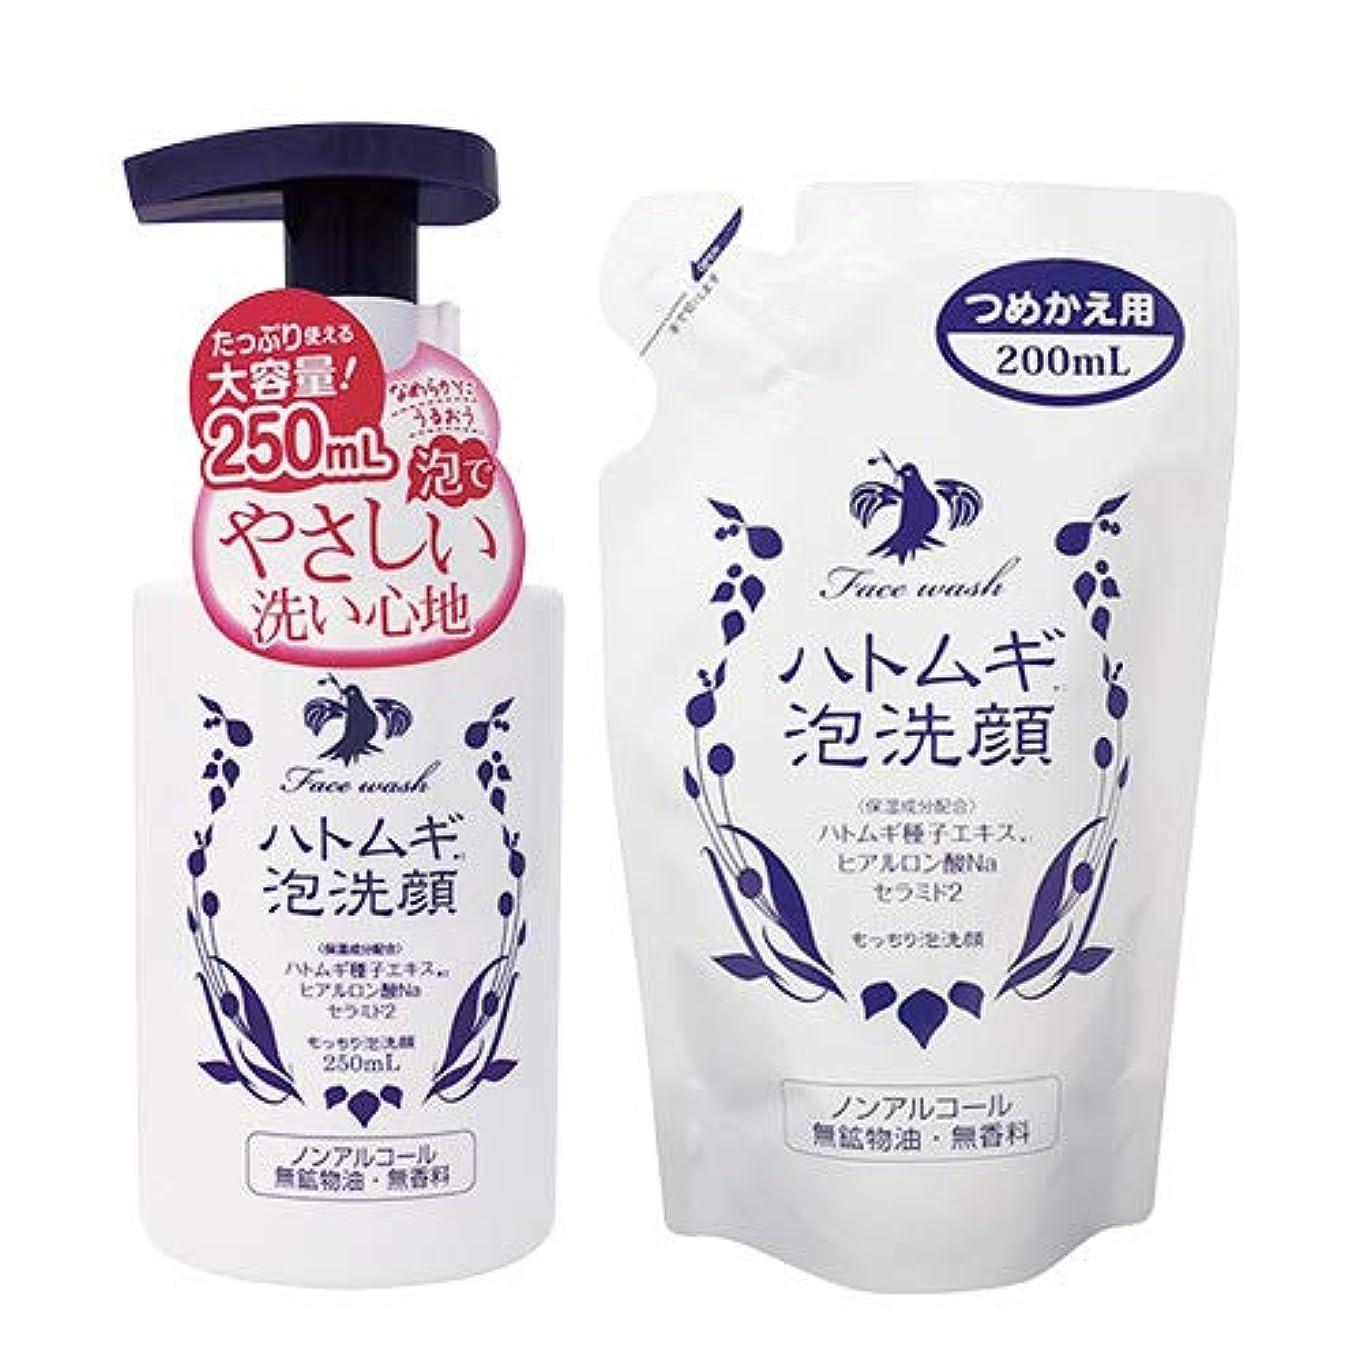 豆グローバル著者ハトムギ泡洗顔 スターターセット 本体250mL+つめかえ用 200mL